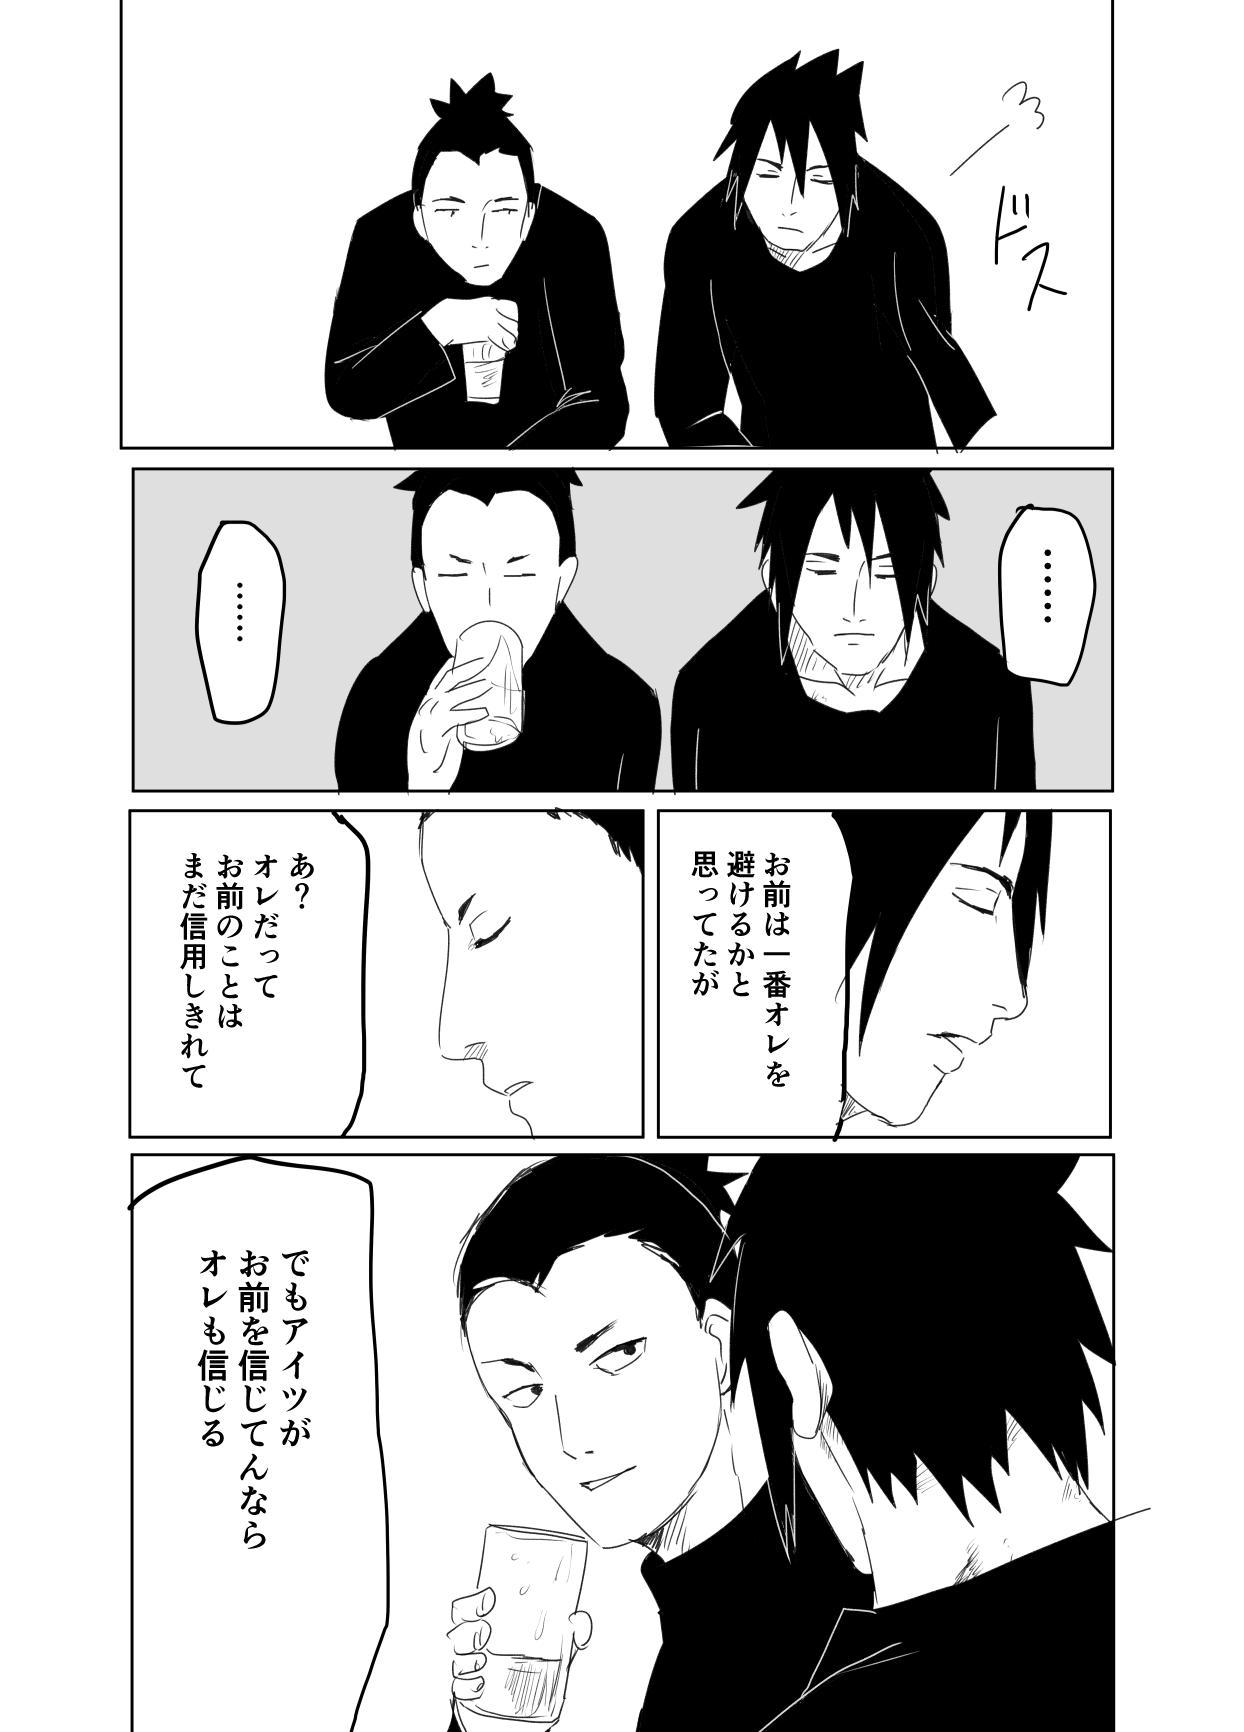 嘘告白漫画 8